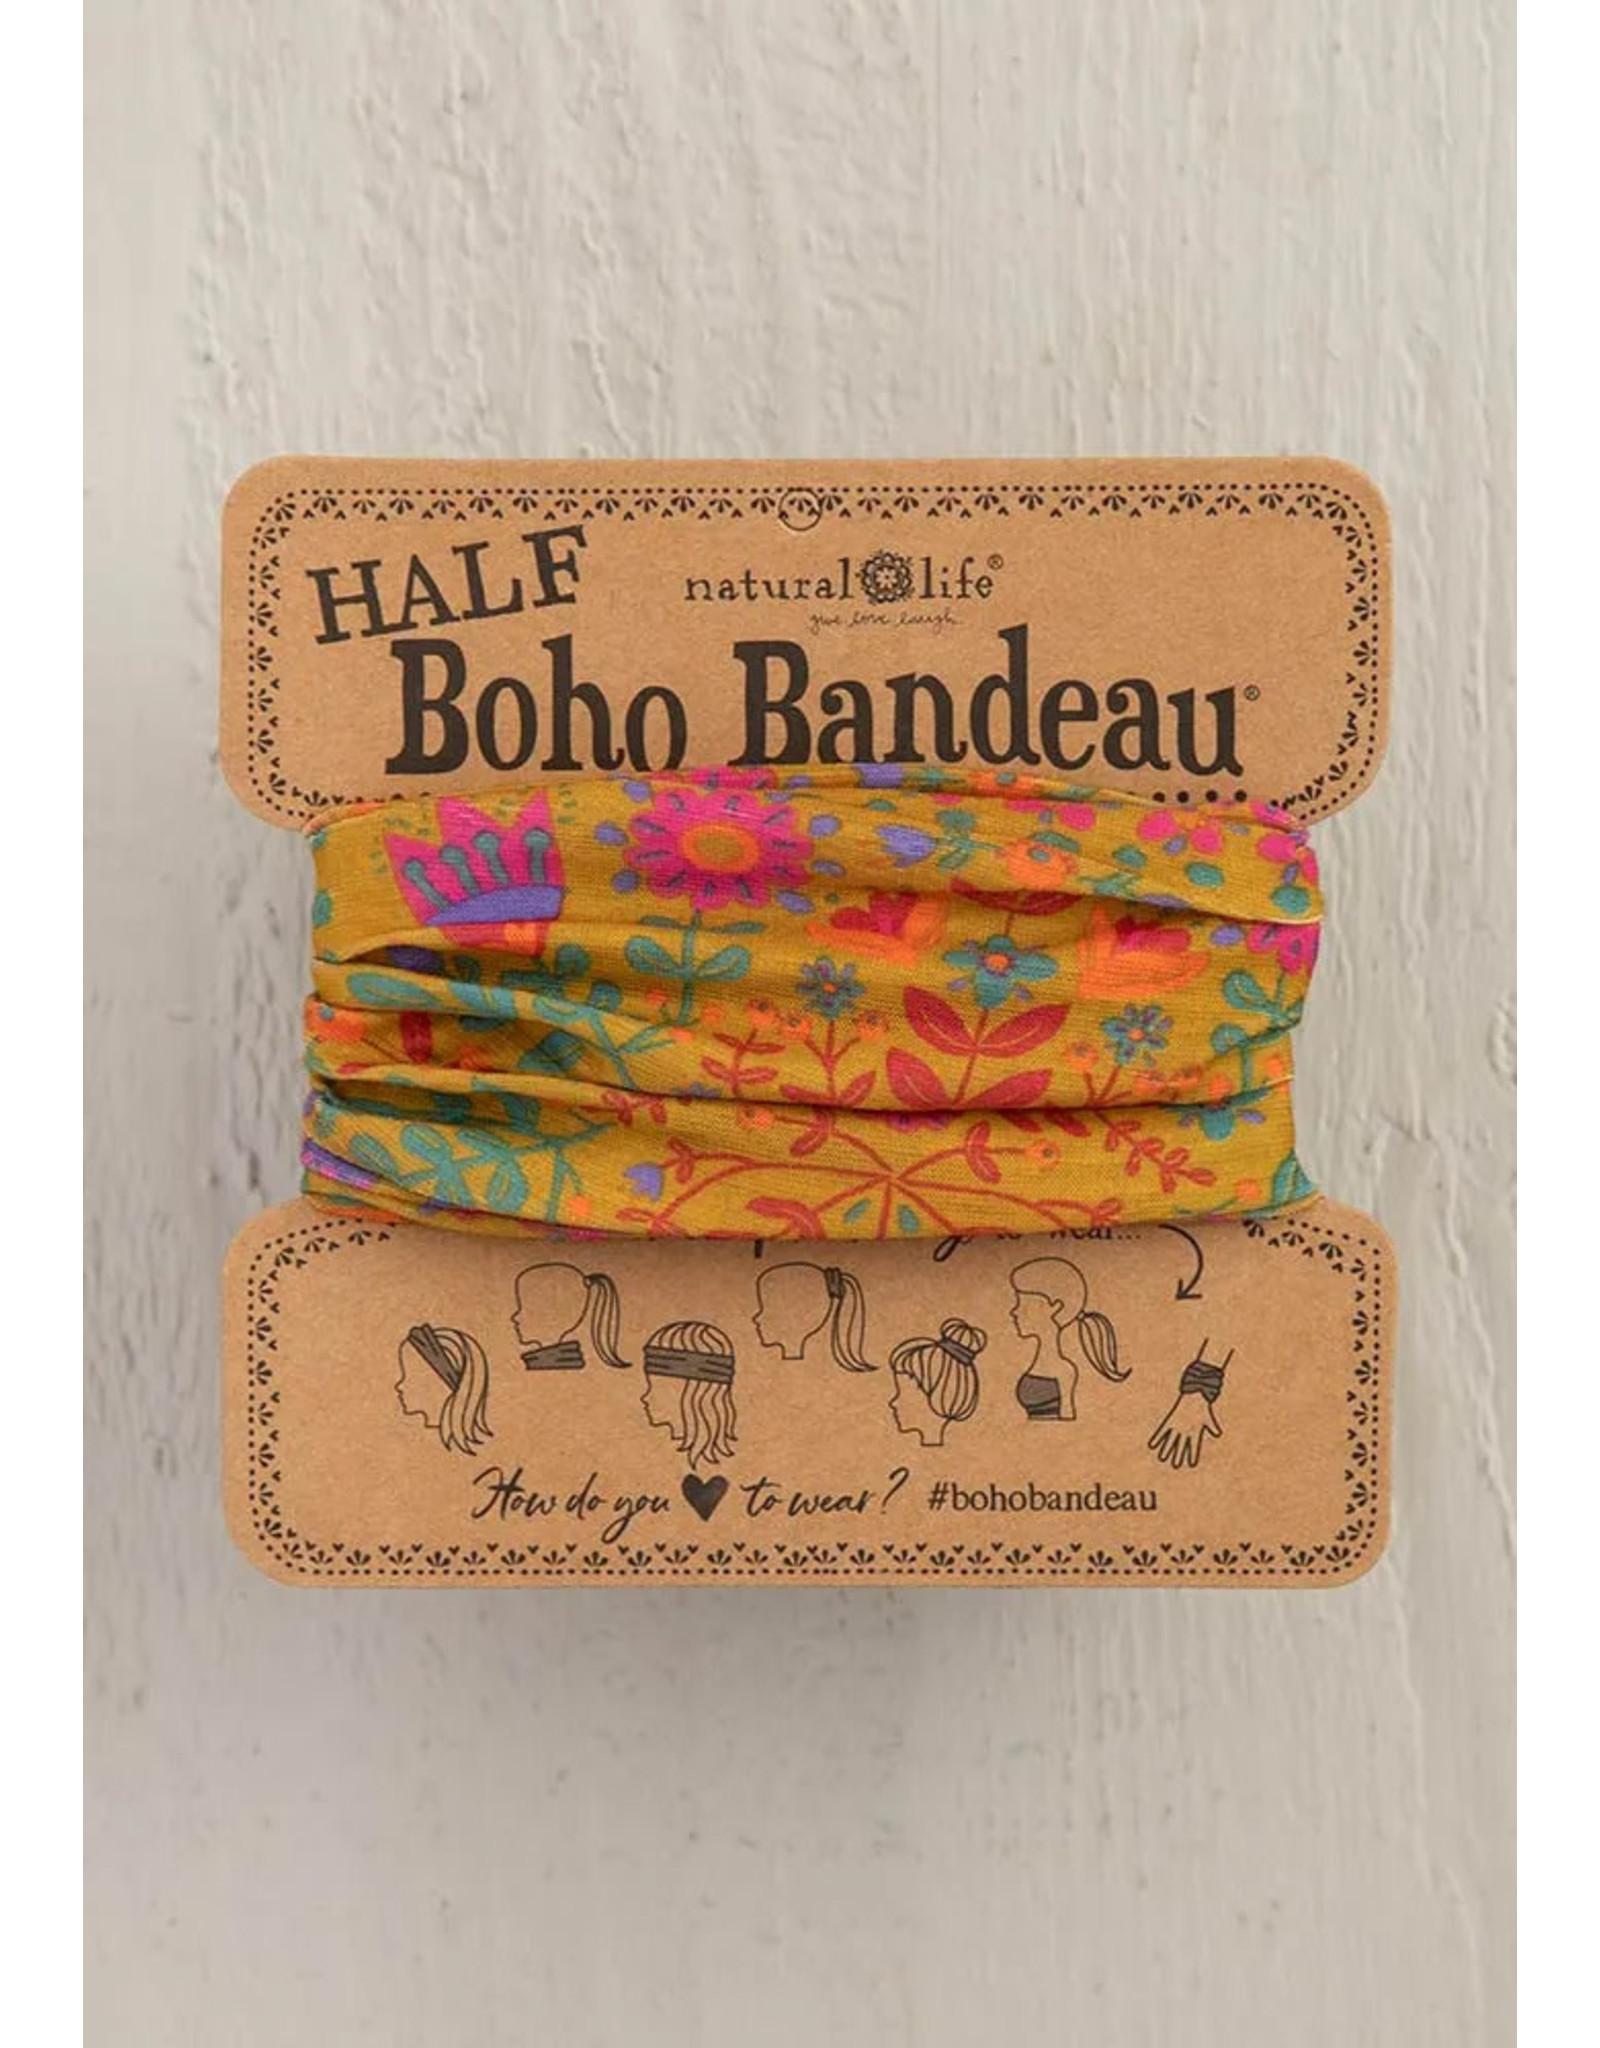 Natural Life Natural Life - Half Boho Bandeau